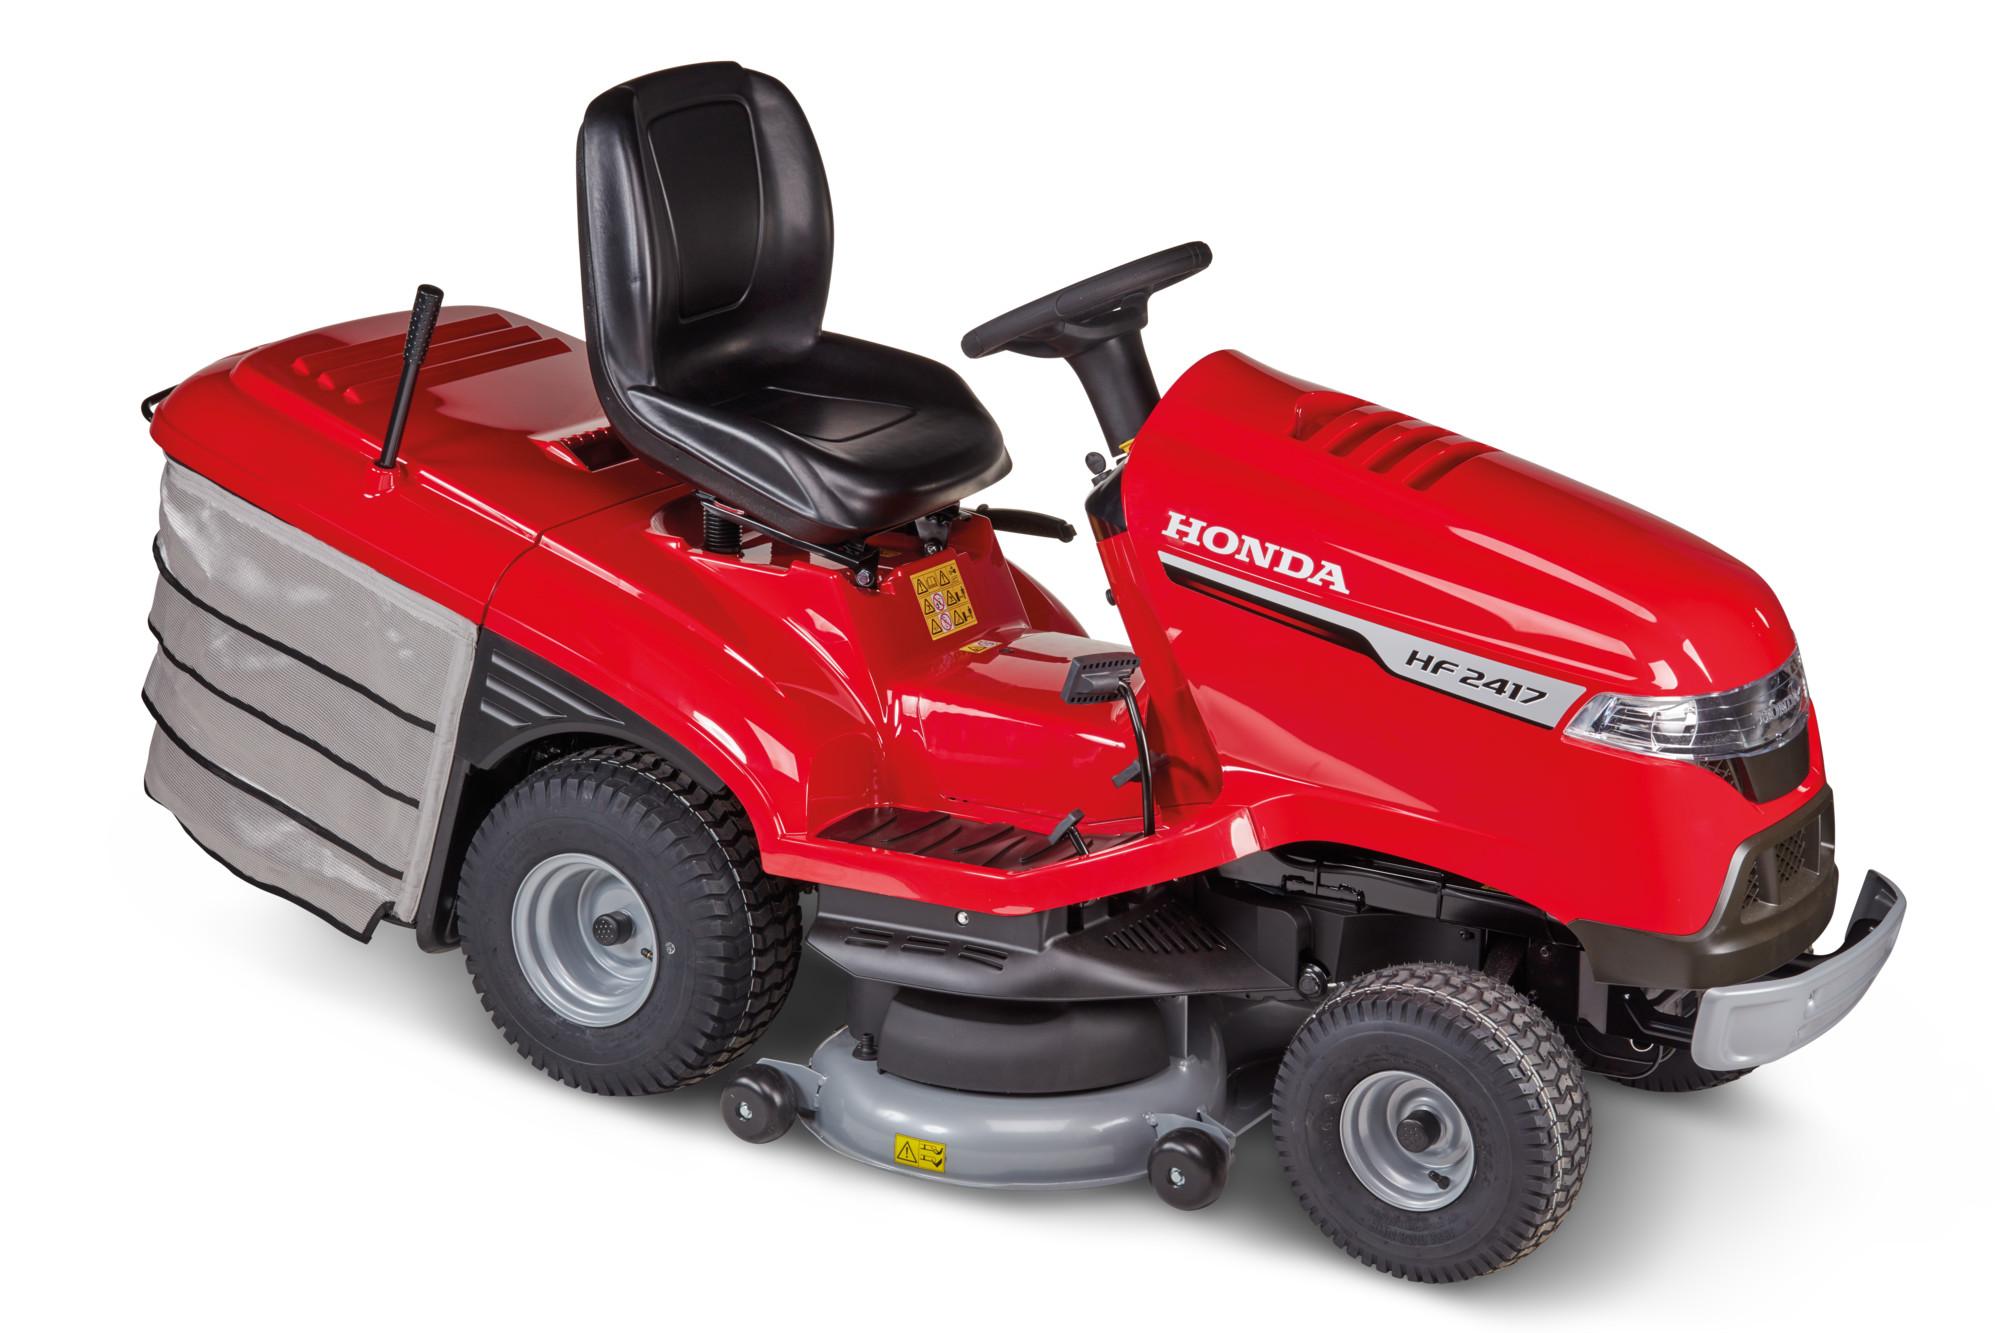 Zahradní traktor Honda HF 2417 HB /2020/